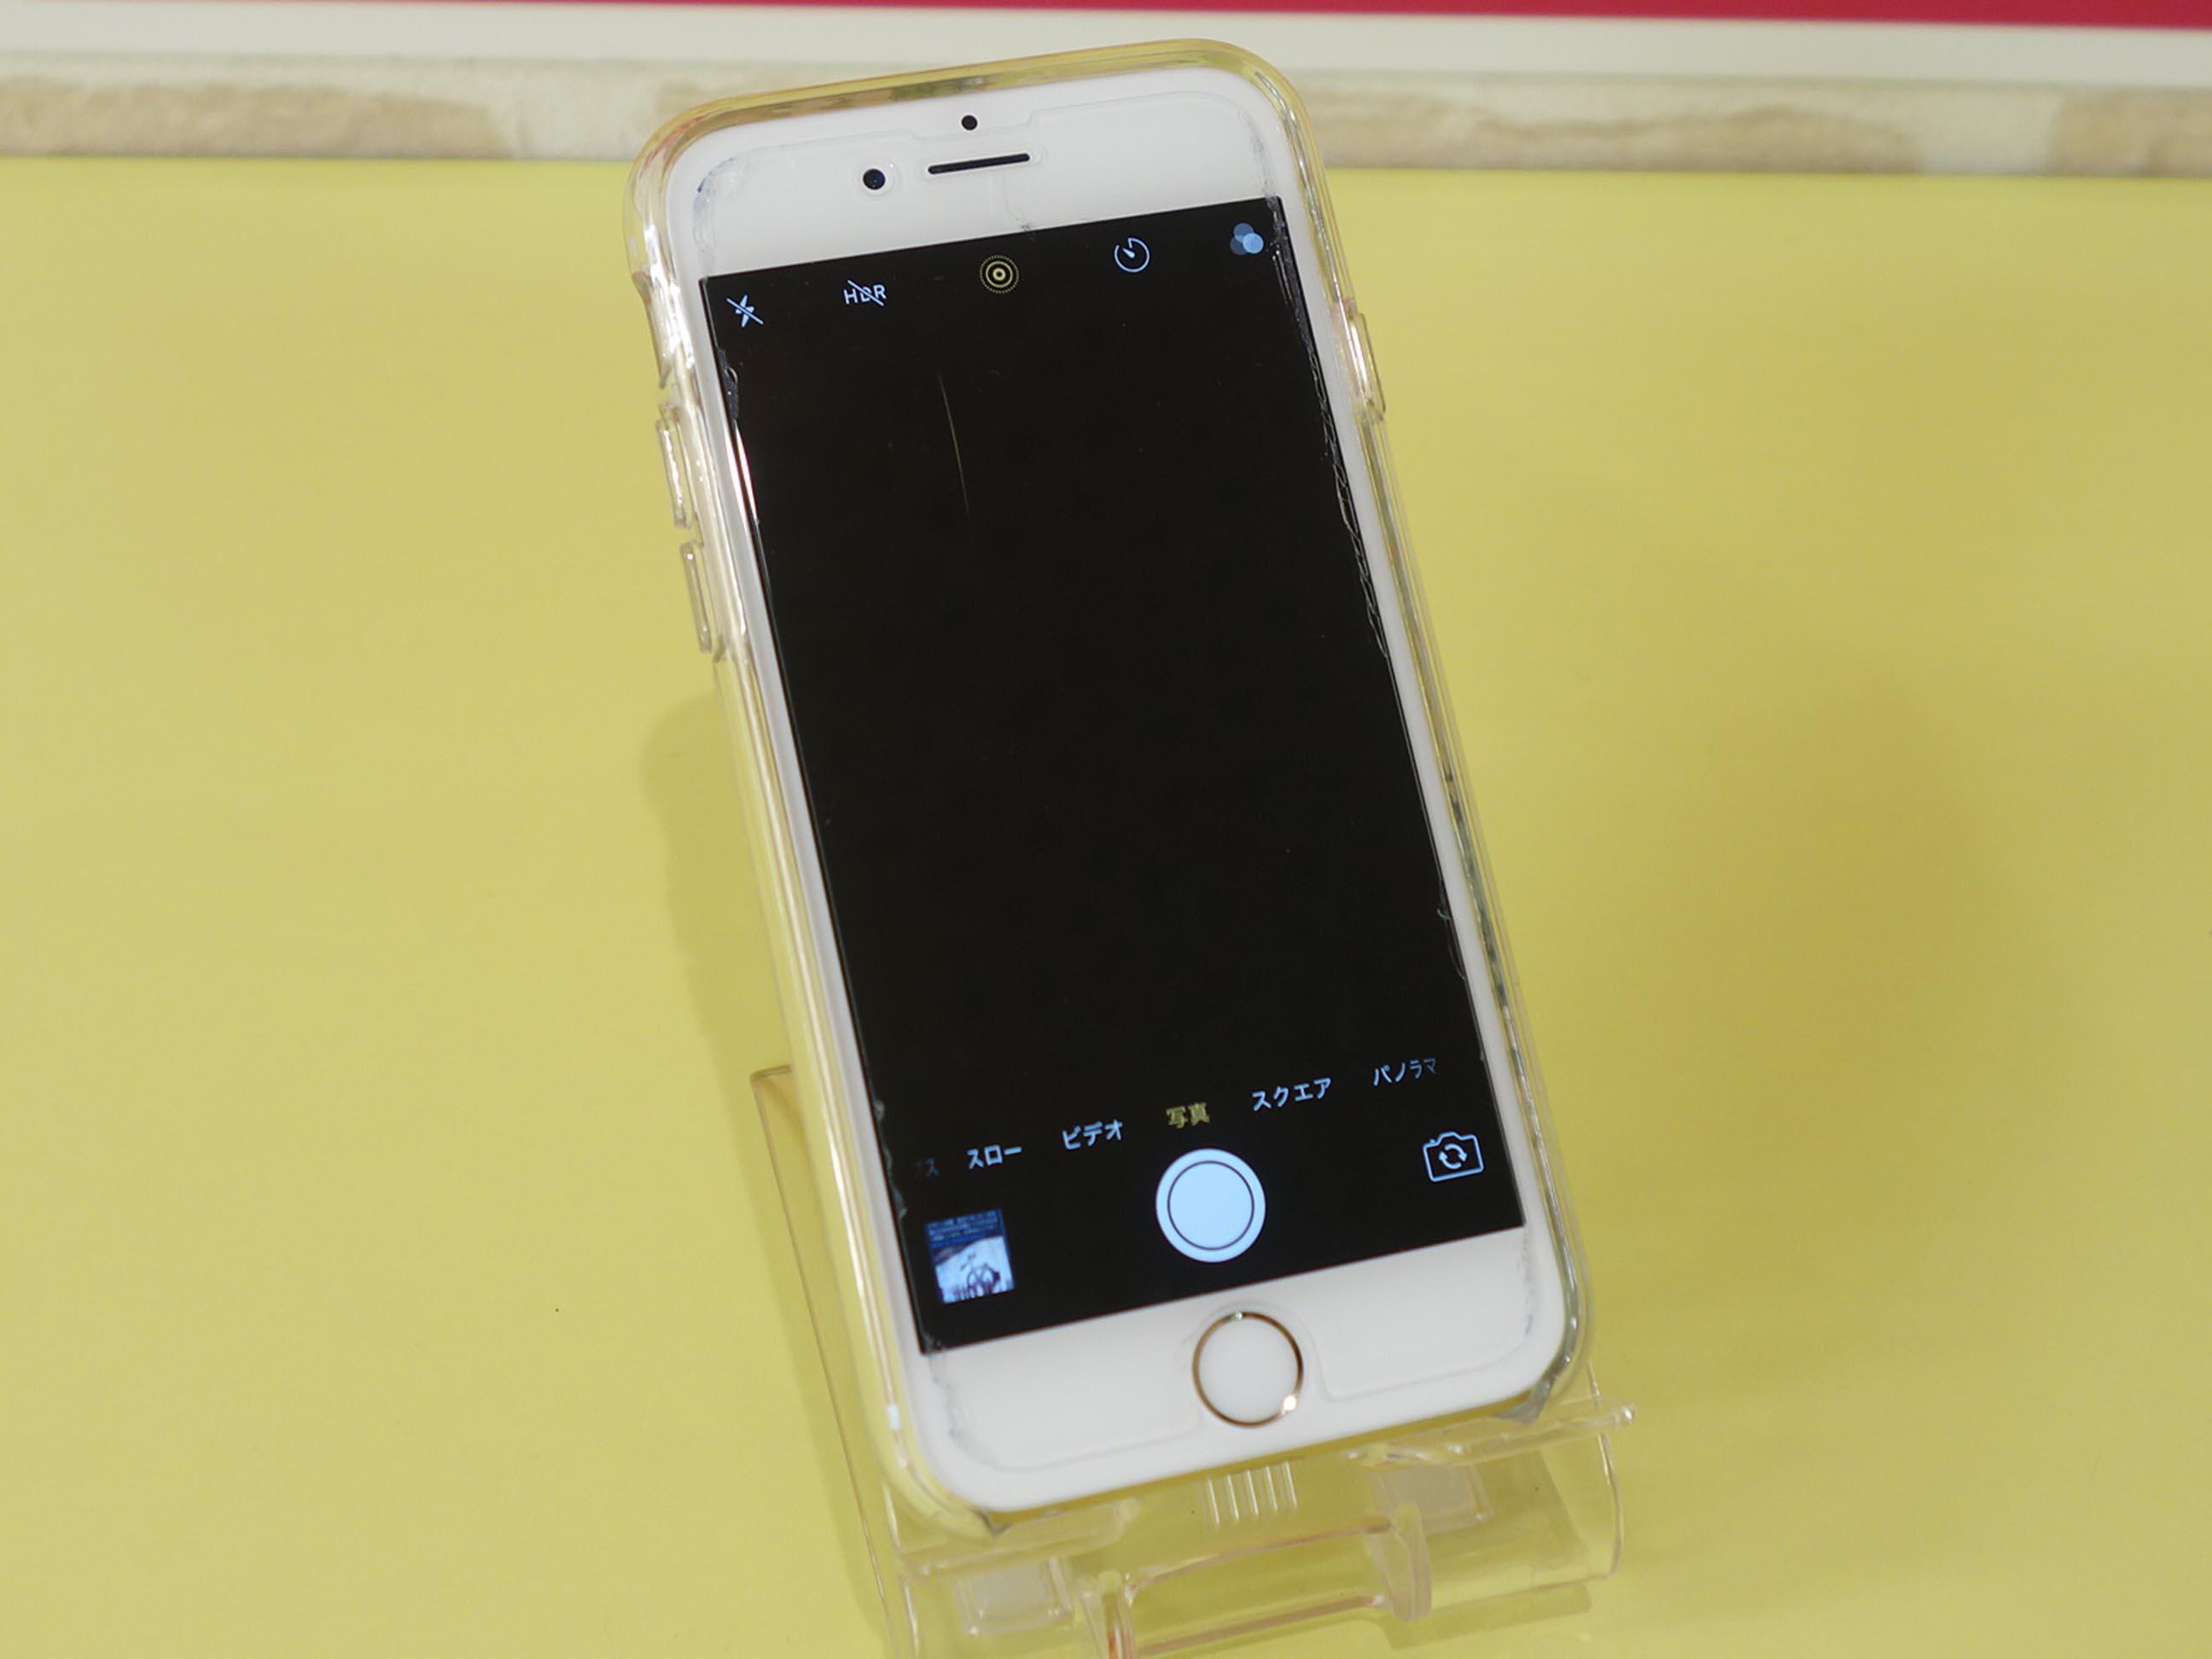 桑名市 iPhone6S アウトカメラが真っ暗で使えない アイフォン修理のクイック名古屋